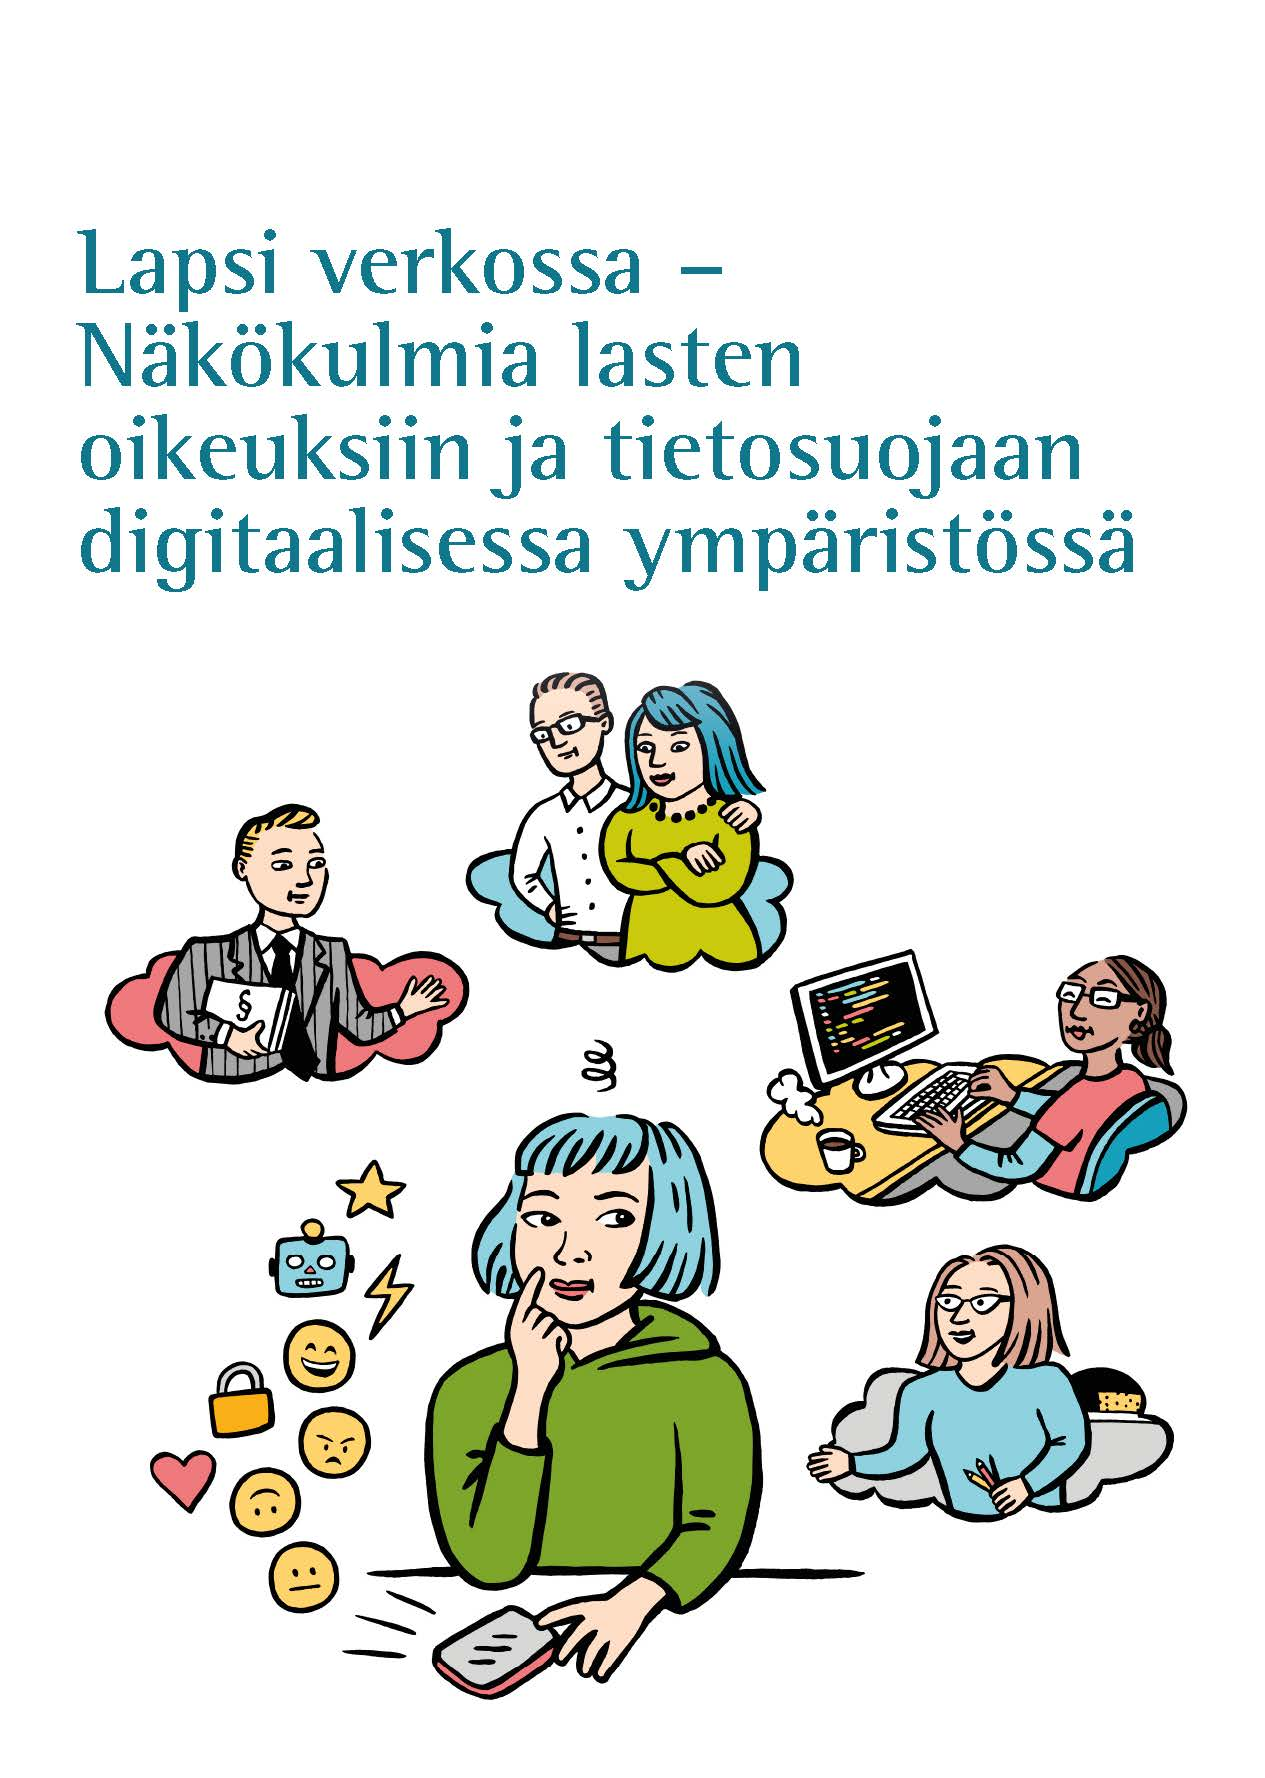 Lapsi verkossa – Näkökulmia lasten oikeuksiin ja tietosuojaan digitaalisessa ympäristössä